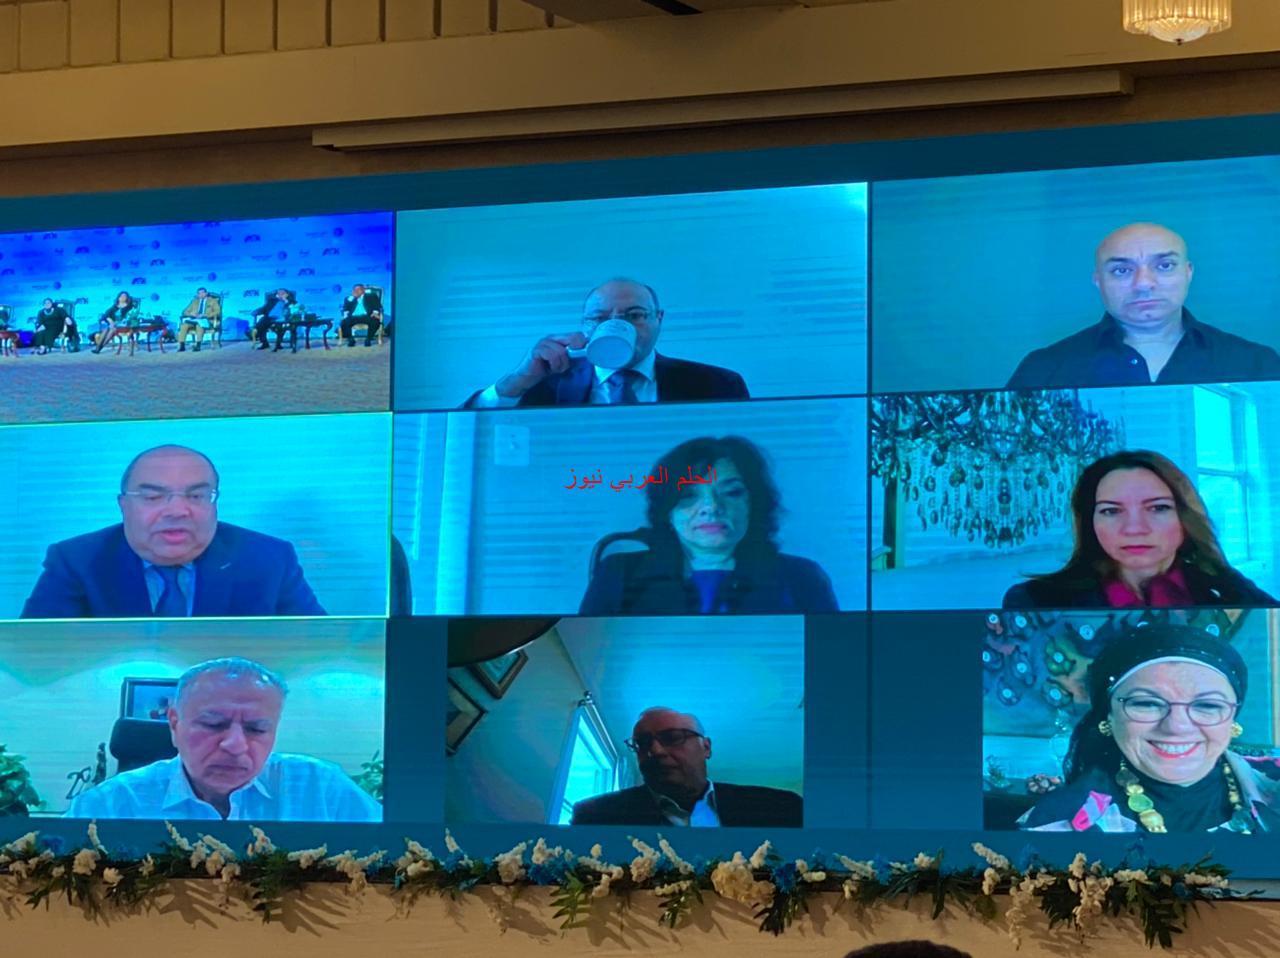 """خلال الندوة الرابعة لـ""""مصر تستطيع بالصناعة""""..المدير التنفيذي لصندوق النقد الدولي يستعرض محاور مناقشة """"استراتيجية التمويل الصناعي في مصر"""" بقلم ليلي حسين"""